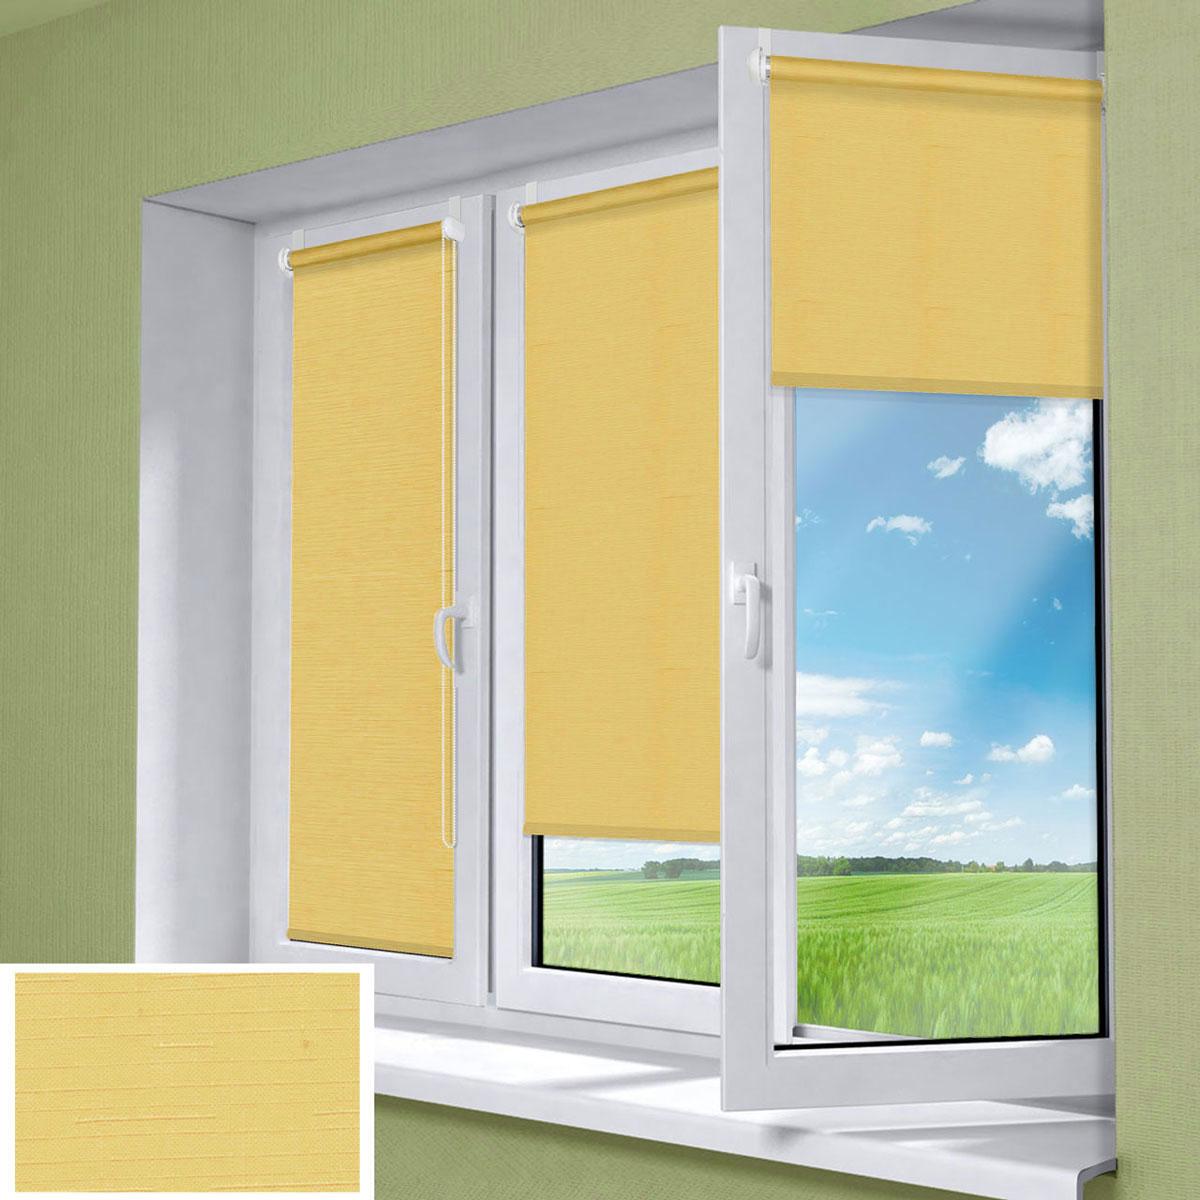 Миниролло KauffOrt, цвет: темно-желтый, 52 х 170 см3052003_темно-желтый